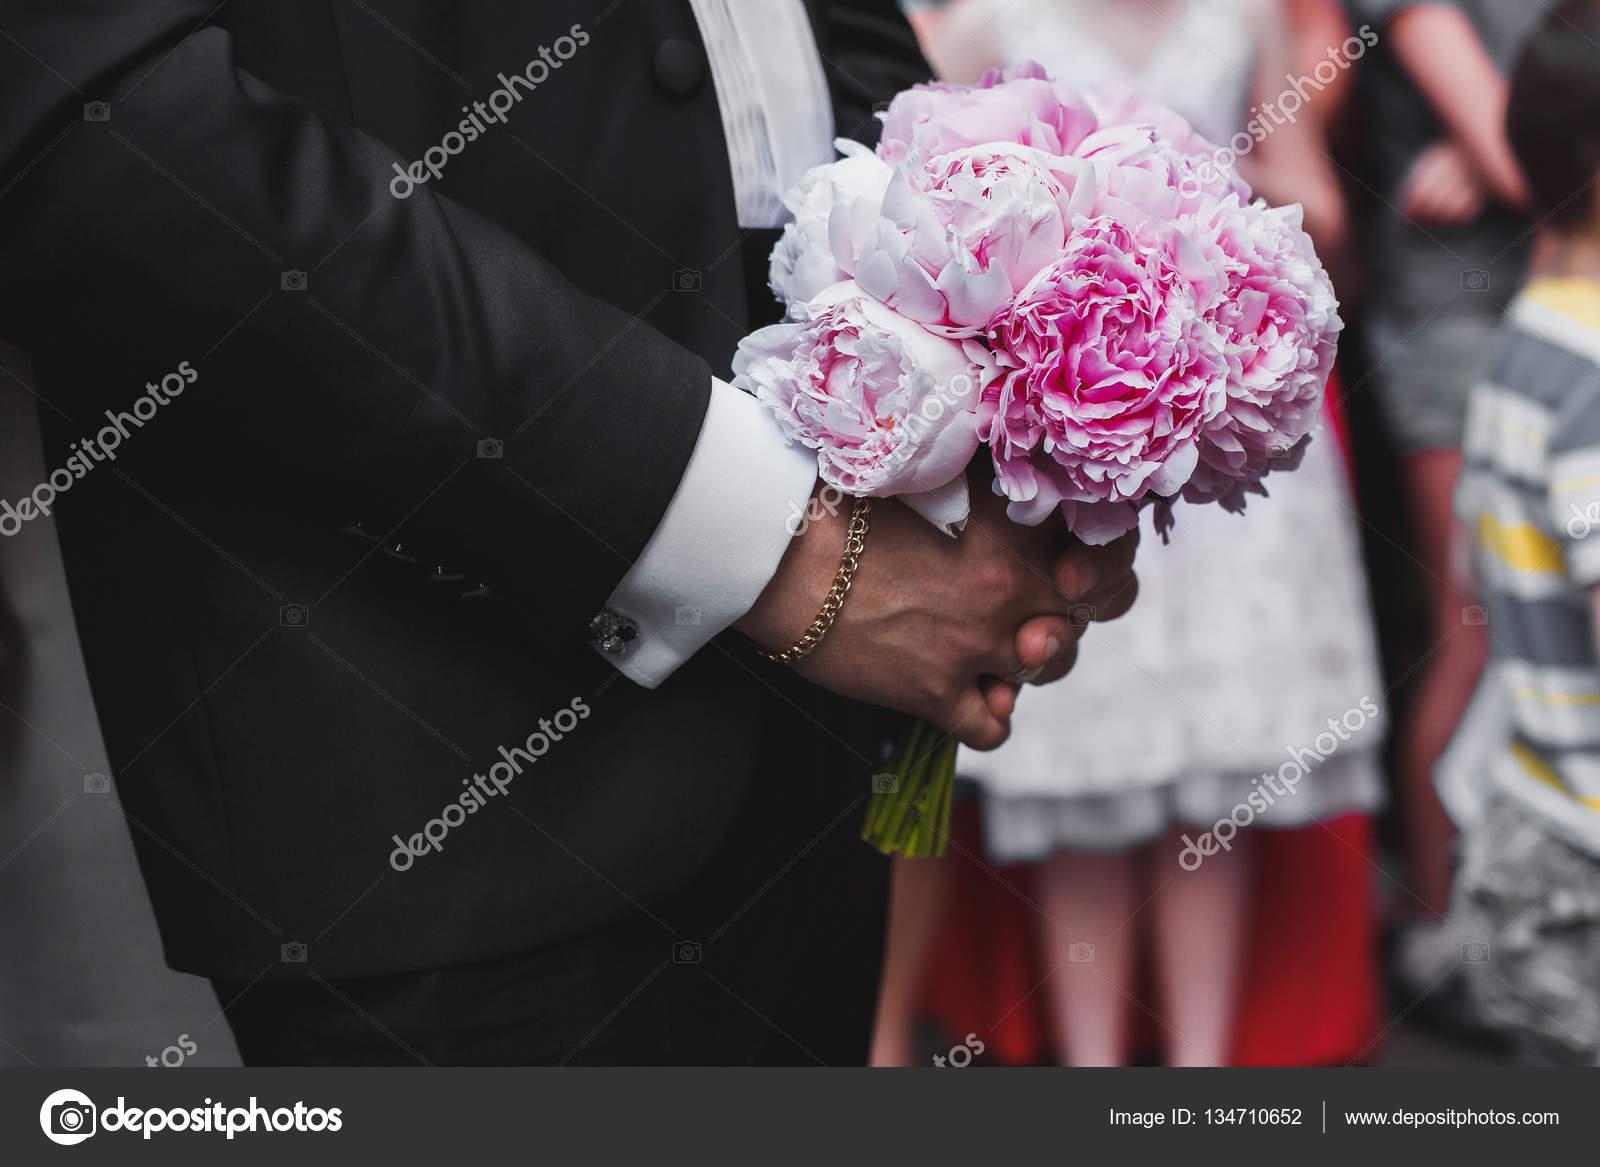 Smoking Che Miglior Un In Rosa Matrimonio Mazzo Uomo Tiene Di W7HWptT